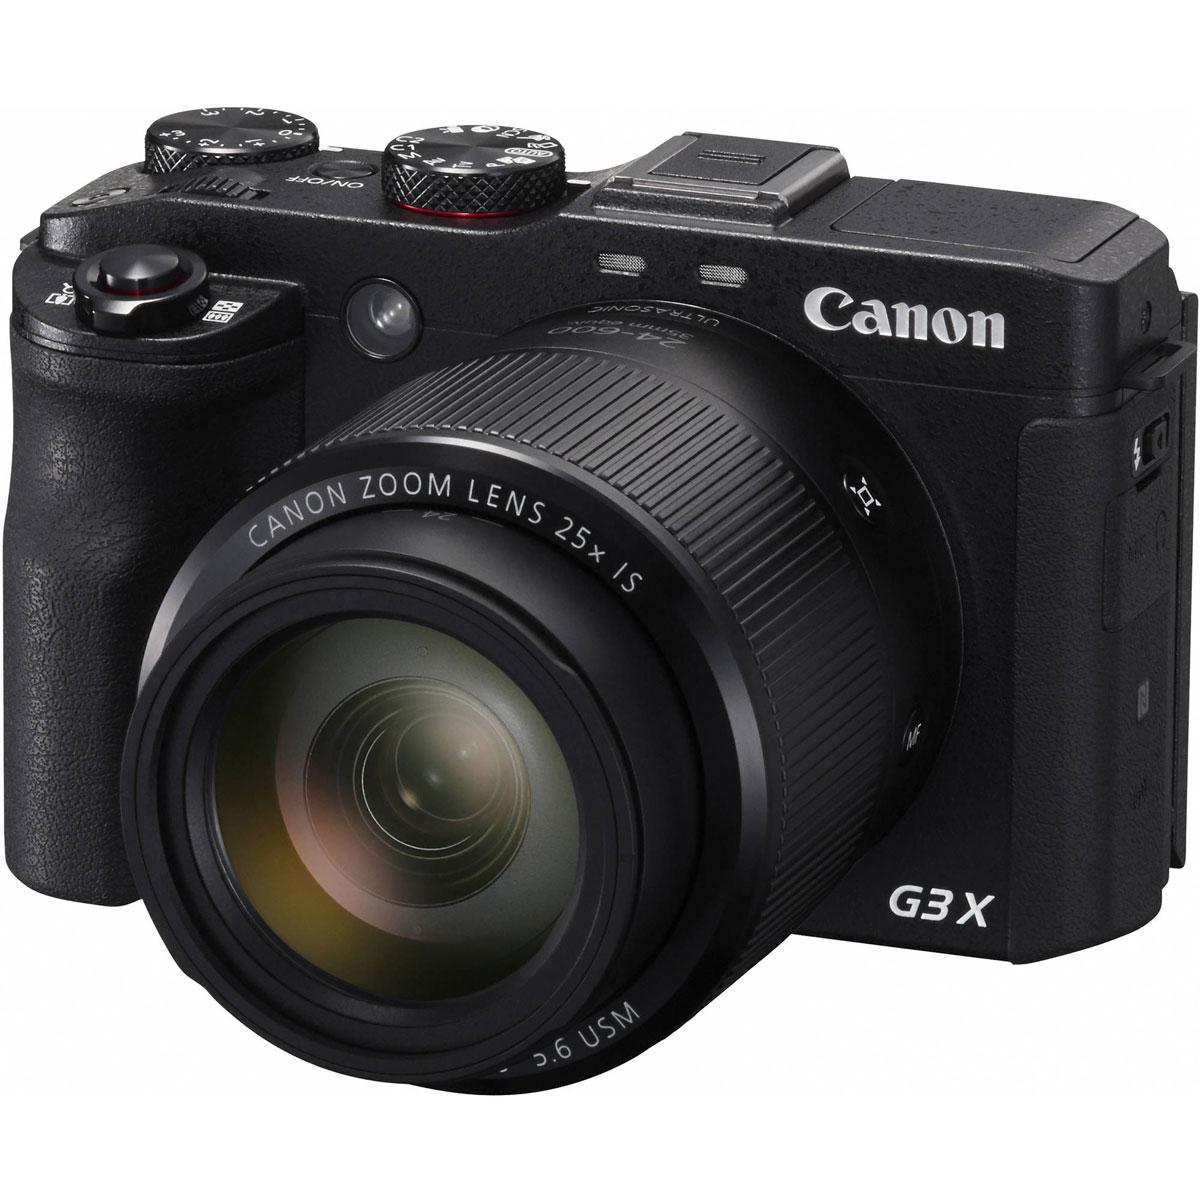 Canon PowerShot G3 X, Black цифровая фотокамера0106C002PowerShot G3 X — первая компактная модель Canon с суперзумом и дюймовым CMOS-датчиком с обратной подсветкой, которая обеспечивает выдающееся качество фотографий и видеороликов и дает творческие возможности, немыслимые для других компактных камер. Благодаря первоклассной оптике Canon, универсальному 25-кратному зуму и контролю на уровне зеркальных камер вы легко сможете приближать в кадре нужные объекты, даже снимая на ходу, например, во время путешествия. PowerShot G3 X прекрасно подходит для съемки природы и спортивных мероприятий и станет незаменимой камерой для профессионалов, которым необходимы безупречные кадры.Благодаря резкому сверхширокоугольному зум-объективу 24 мм и датчику изображения типа 1.0 можно снимать как близко расположенные, так и удаленные объекты с максимальной детализацией. Во время фото- и видеосъемки камера PowerShot G3 X позволяет добиться красивого размытия фона и сделать четкие сними даже в условиях слабого освещения.Благодаря 25х оптическому зуму и 9-лепестковой диафрагме камера PowerShot G3 X идеально подходит для съемки панорамных пейзажей, портретов с приятным размытием фона и высокой детализацией удаленных объектов.Теперь, благодаря системе интеллектуальной оптической стабилизации изображения, не нужно беспокоиться о том, что случайные сотрясения камеры могут испортить качество снимков. Камера настраивается автоматически и обеспечивает четкие и резкие фотографии и видеоролики, даже при съемке с полным увеличением или в условиях слабого освещения. Кроме того, ваши видеоролики будут невероятно плавными благодаря стабилизации видео по 5 осям.Создавайте потрясающее видео в формате Full HD, используя разную частоту кадров; экспериментируйте с профессиональными функциями, включая полное ручное управление, усиление контуров границы ручной фокусировки, потоковая передача через HDMI. Усовершенствованная динамическая стабилизация изображения по 5 осям компенсирует дрожание камеры, а универс